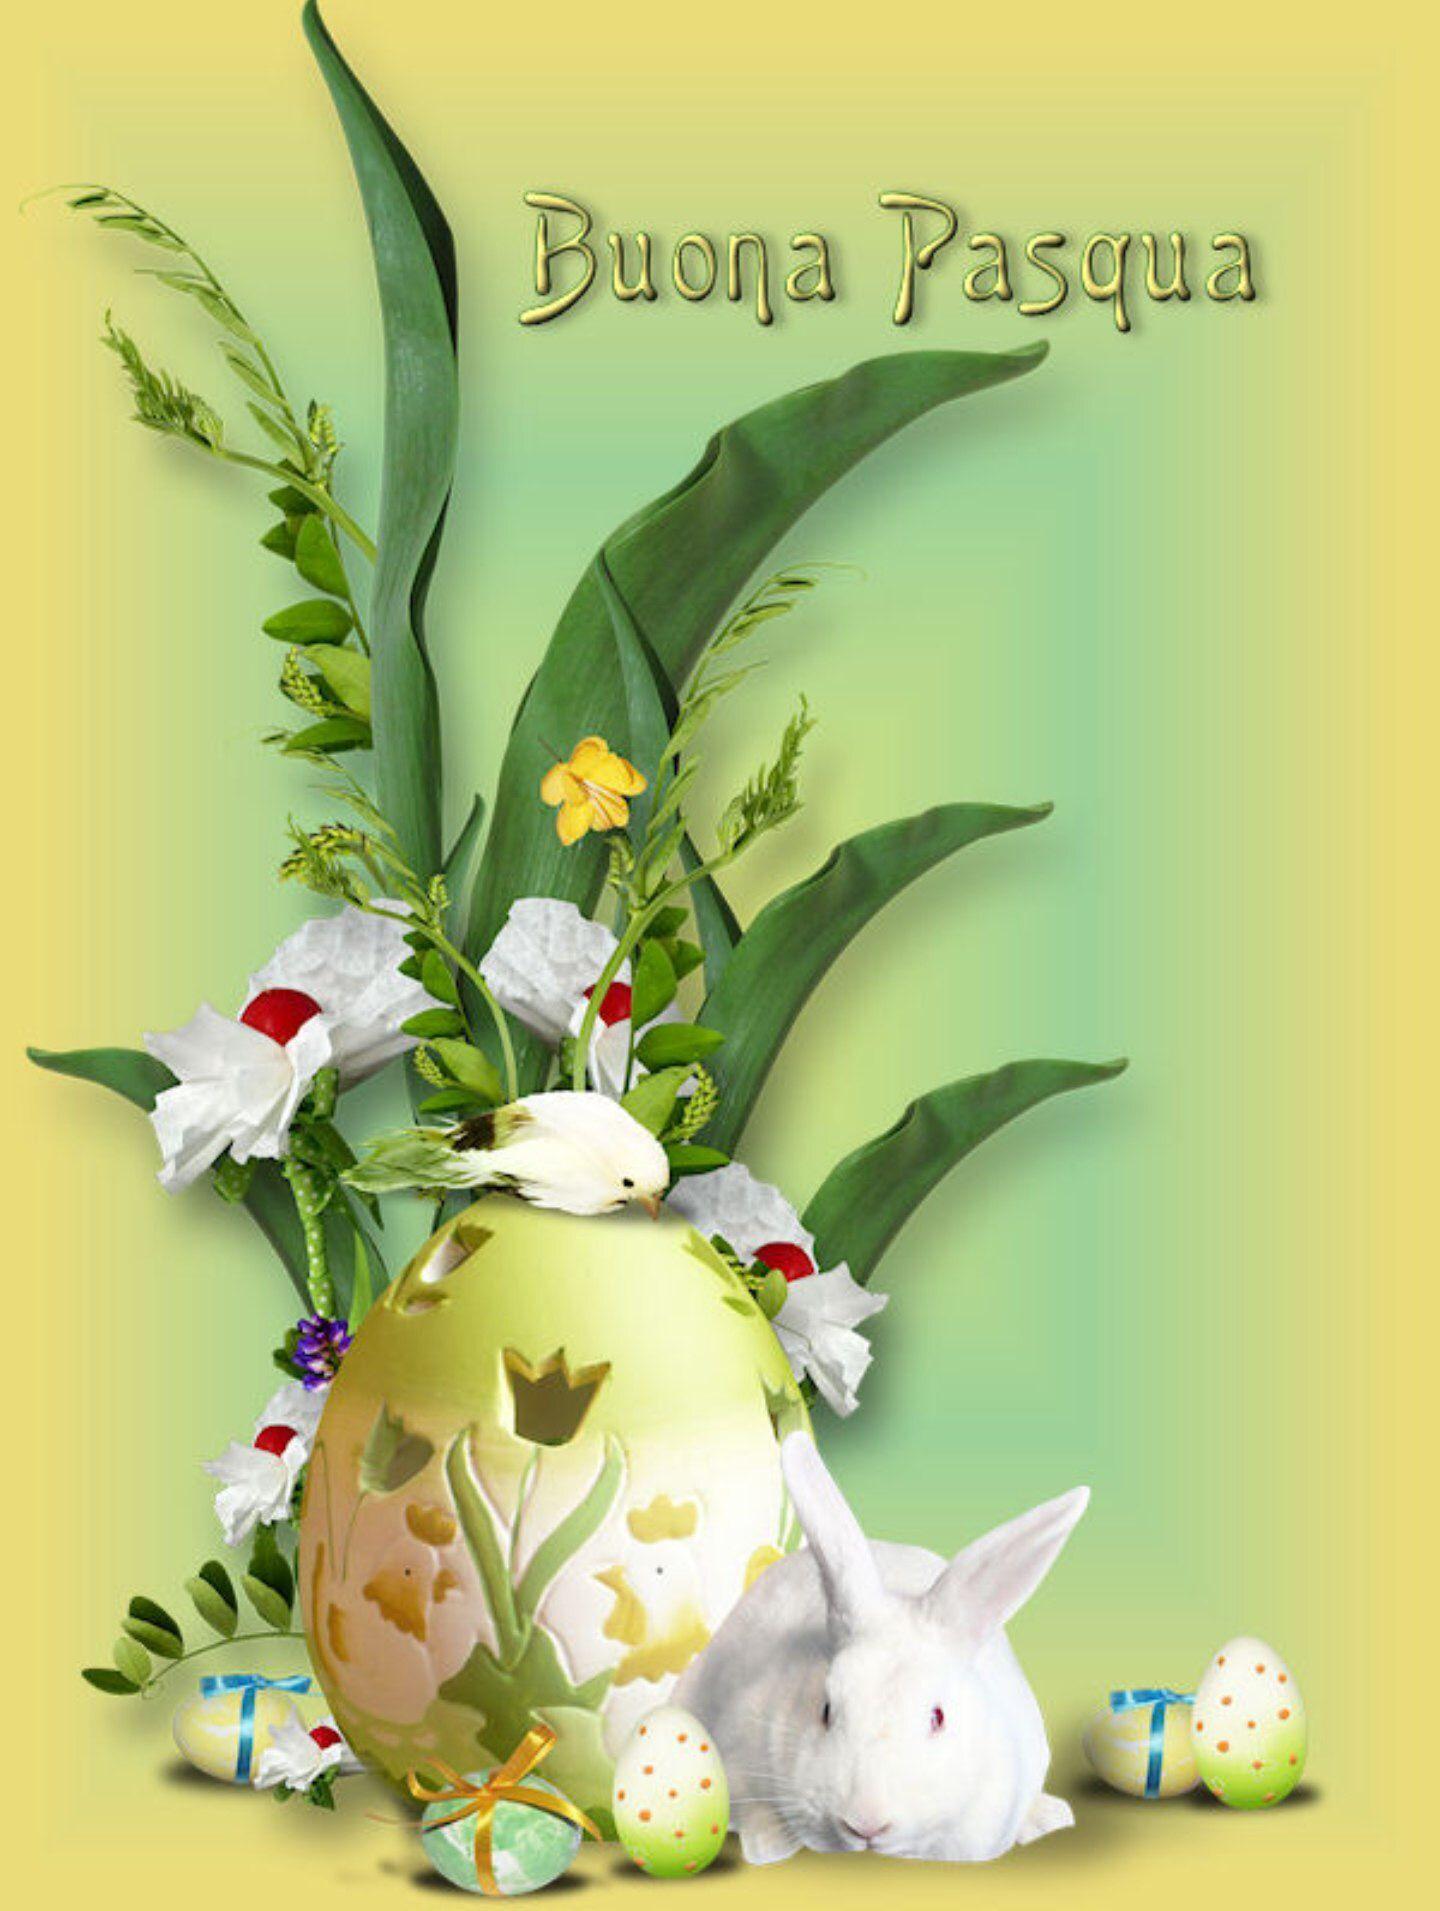 католическая пасха открытка италия гурами один